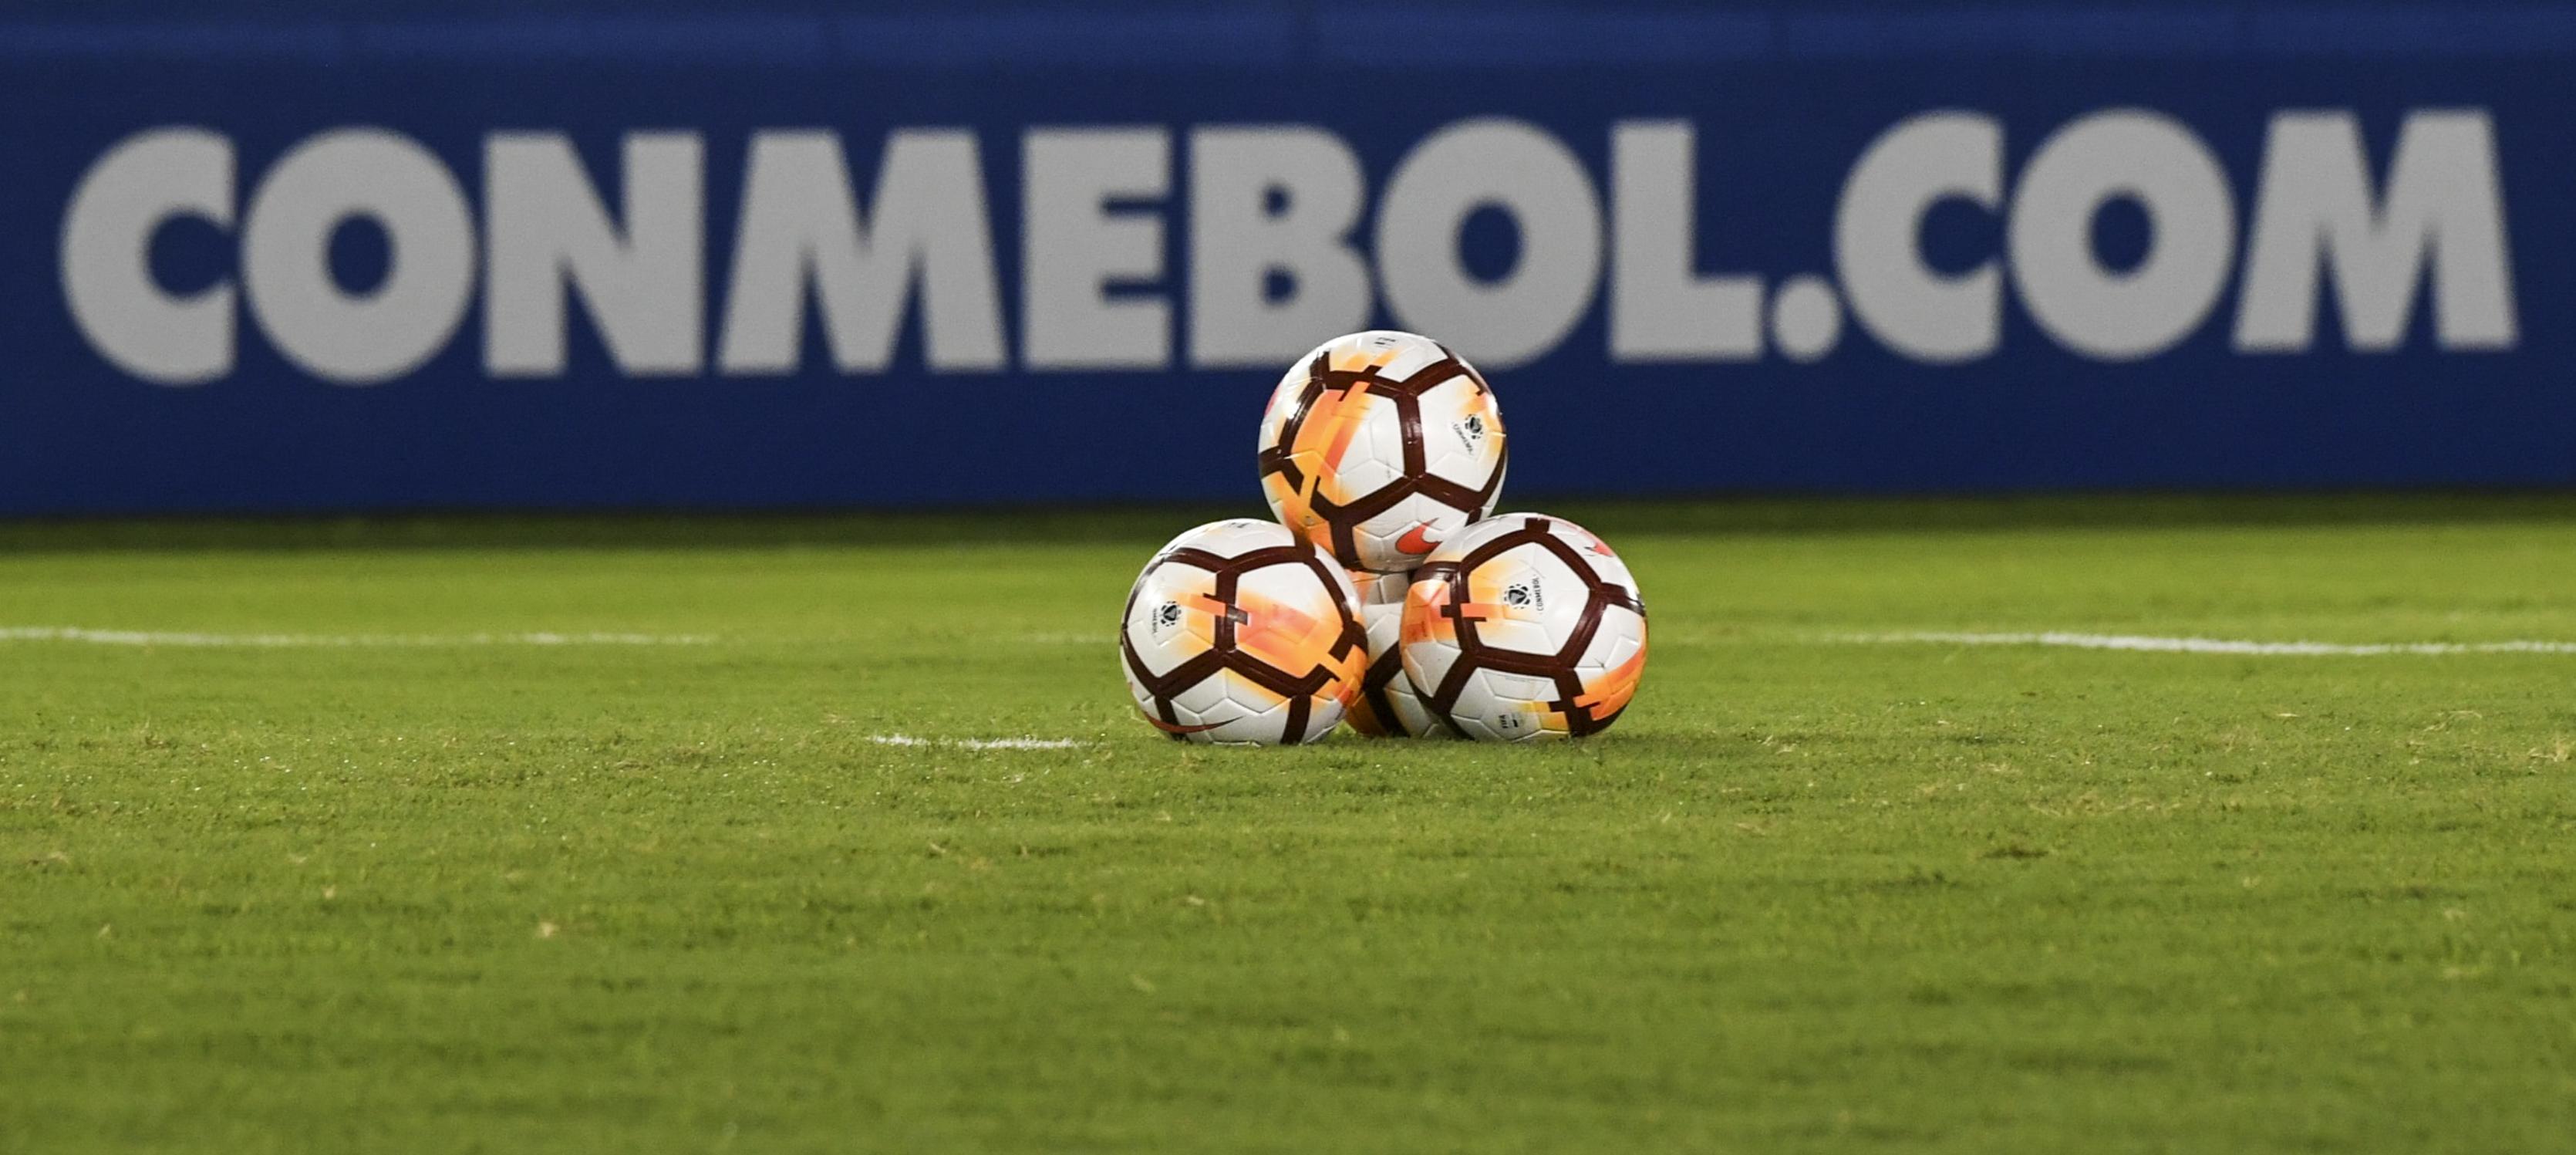 La Conmebol recibe aval del Gobierno para reanudar torneos en ...